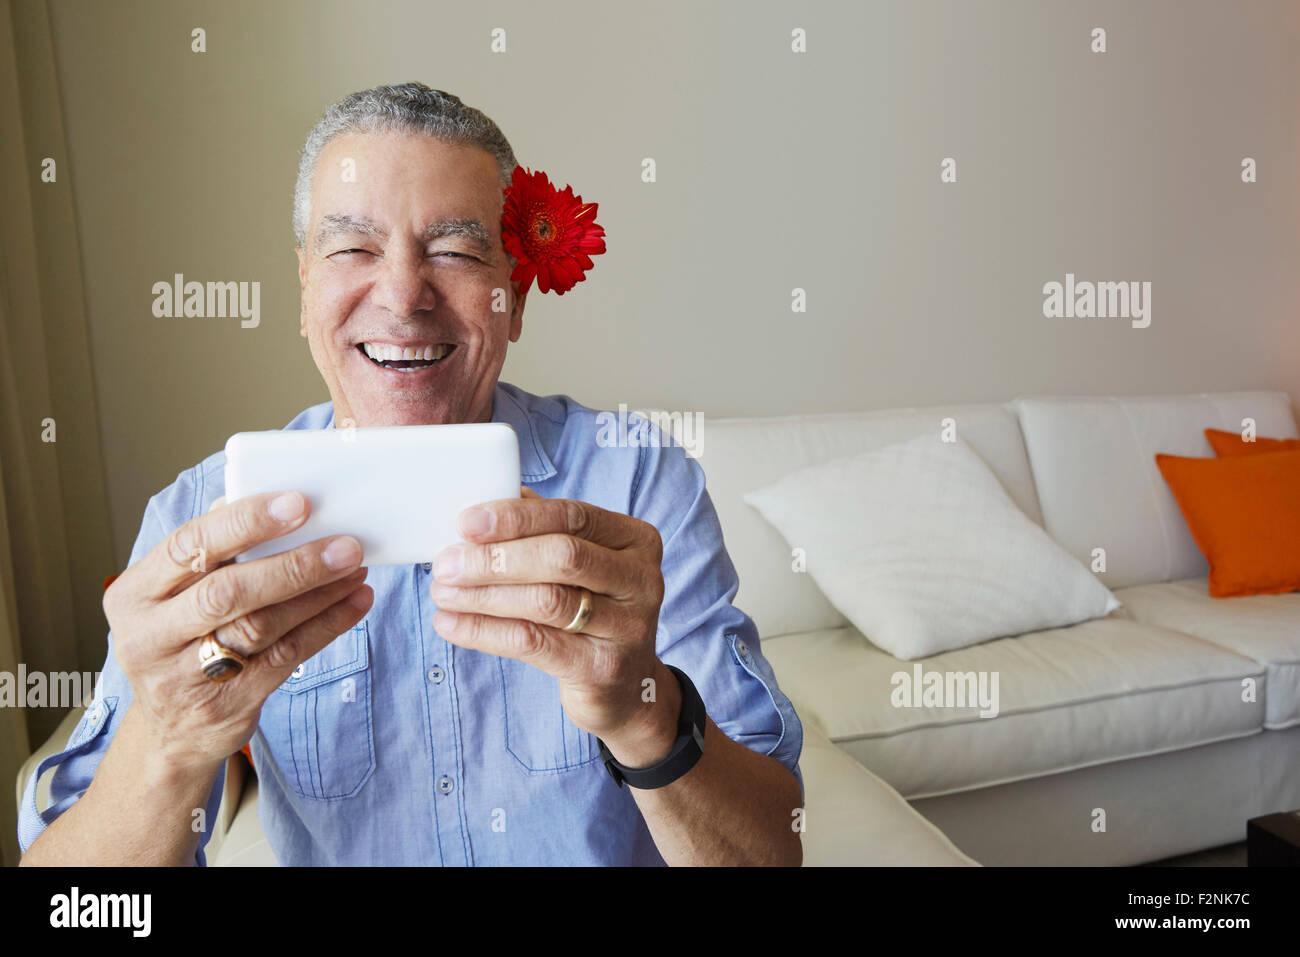 Vecchio Uomo nero tenendo selfie con fiore dietro il suo orecchio Foto Stock